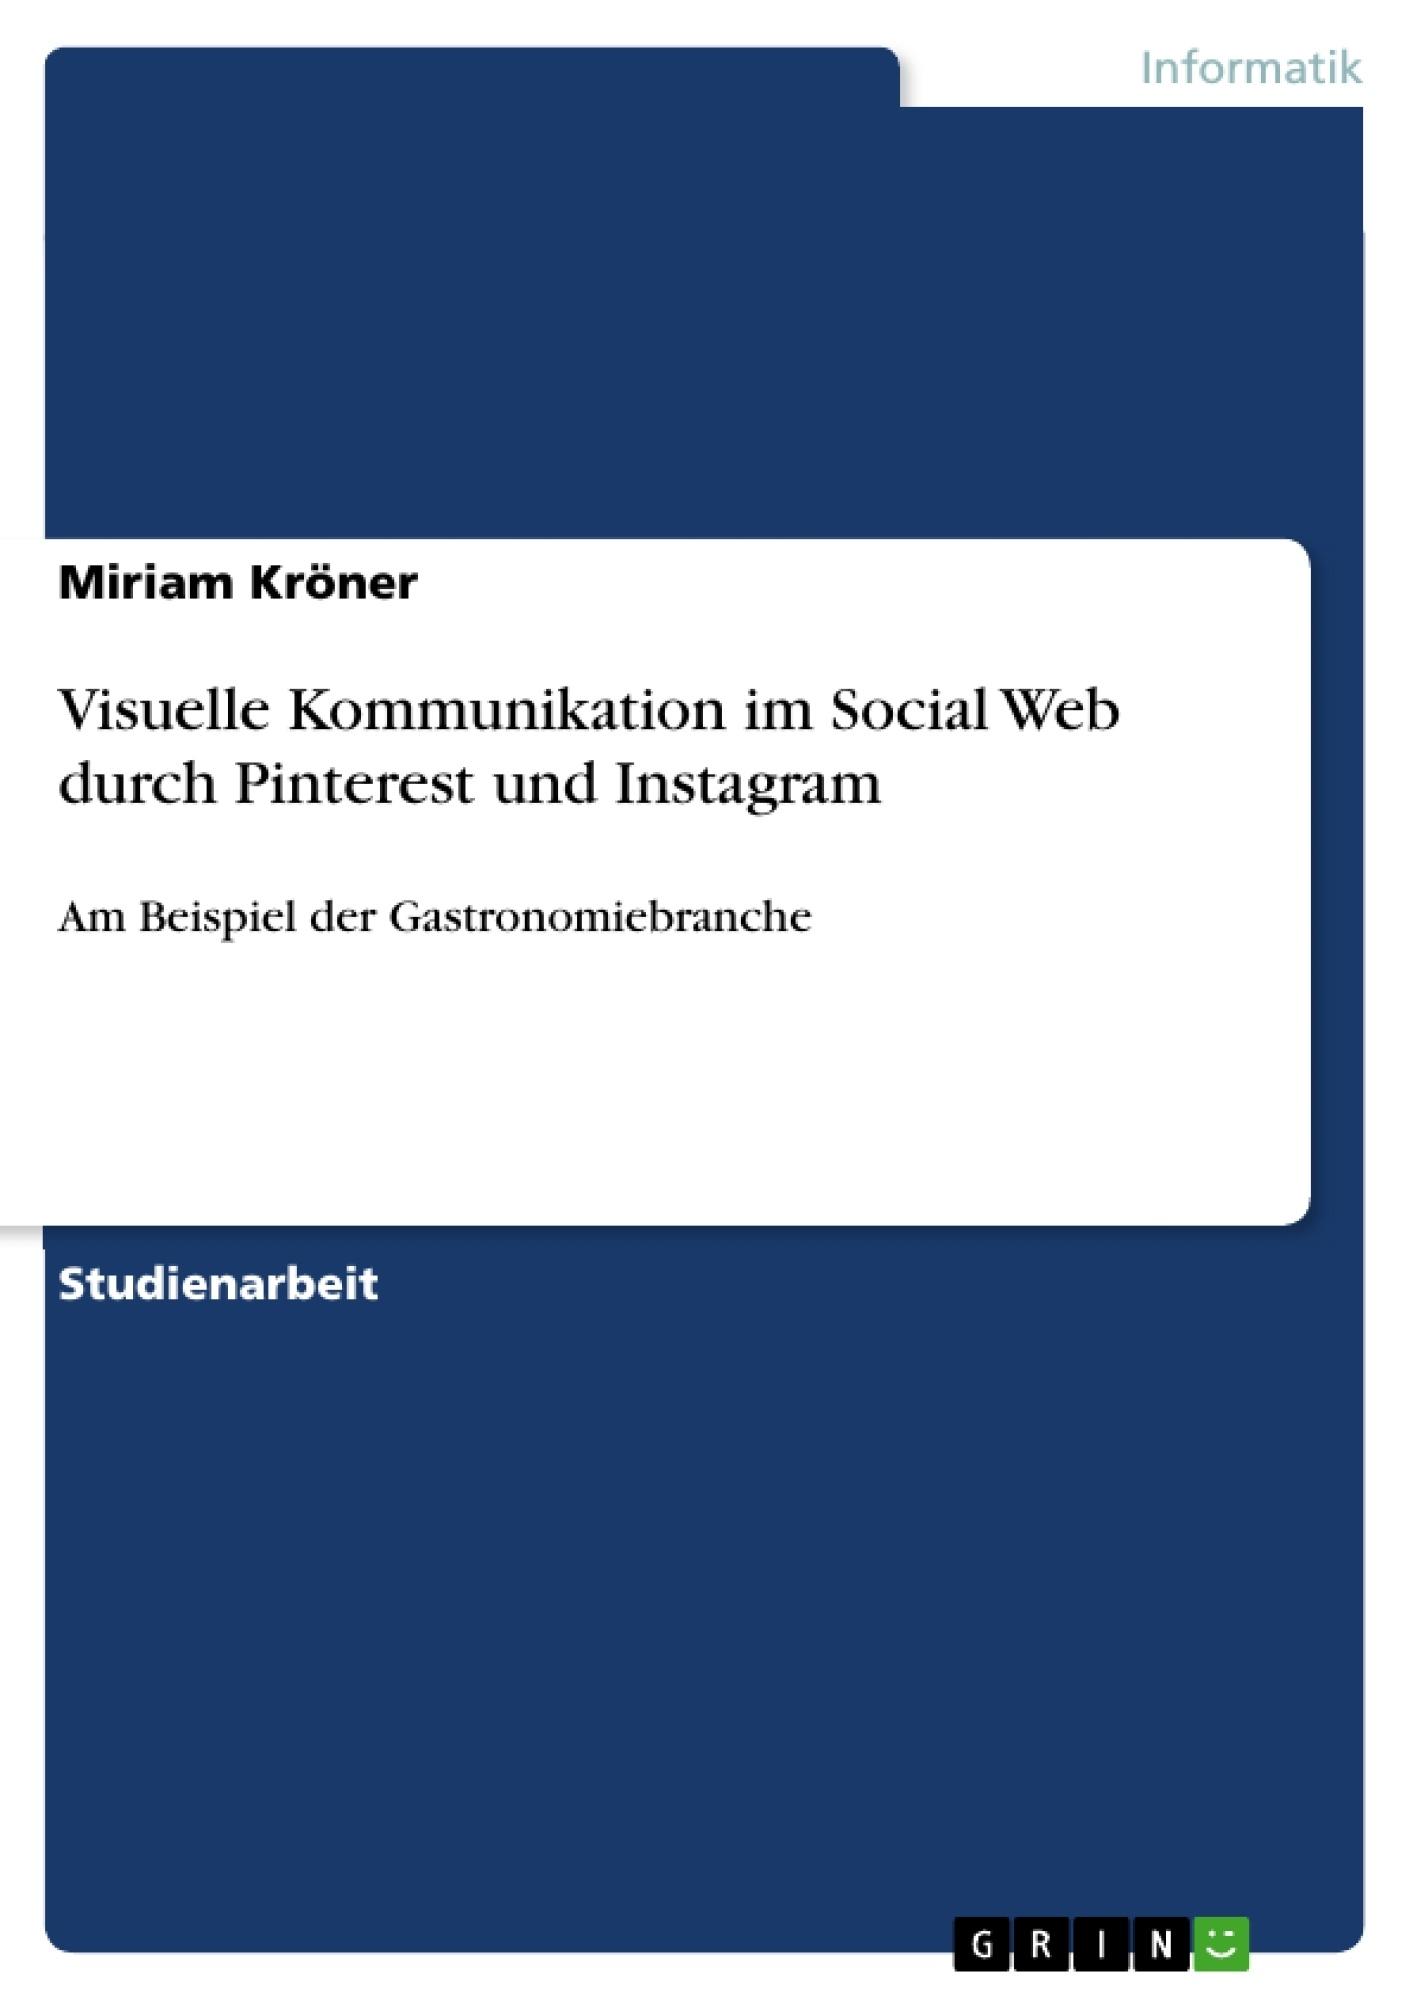 Titel: Visuelle Kommunikation im Social Web durch Pinterest und Instagram